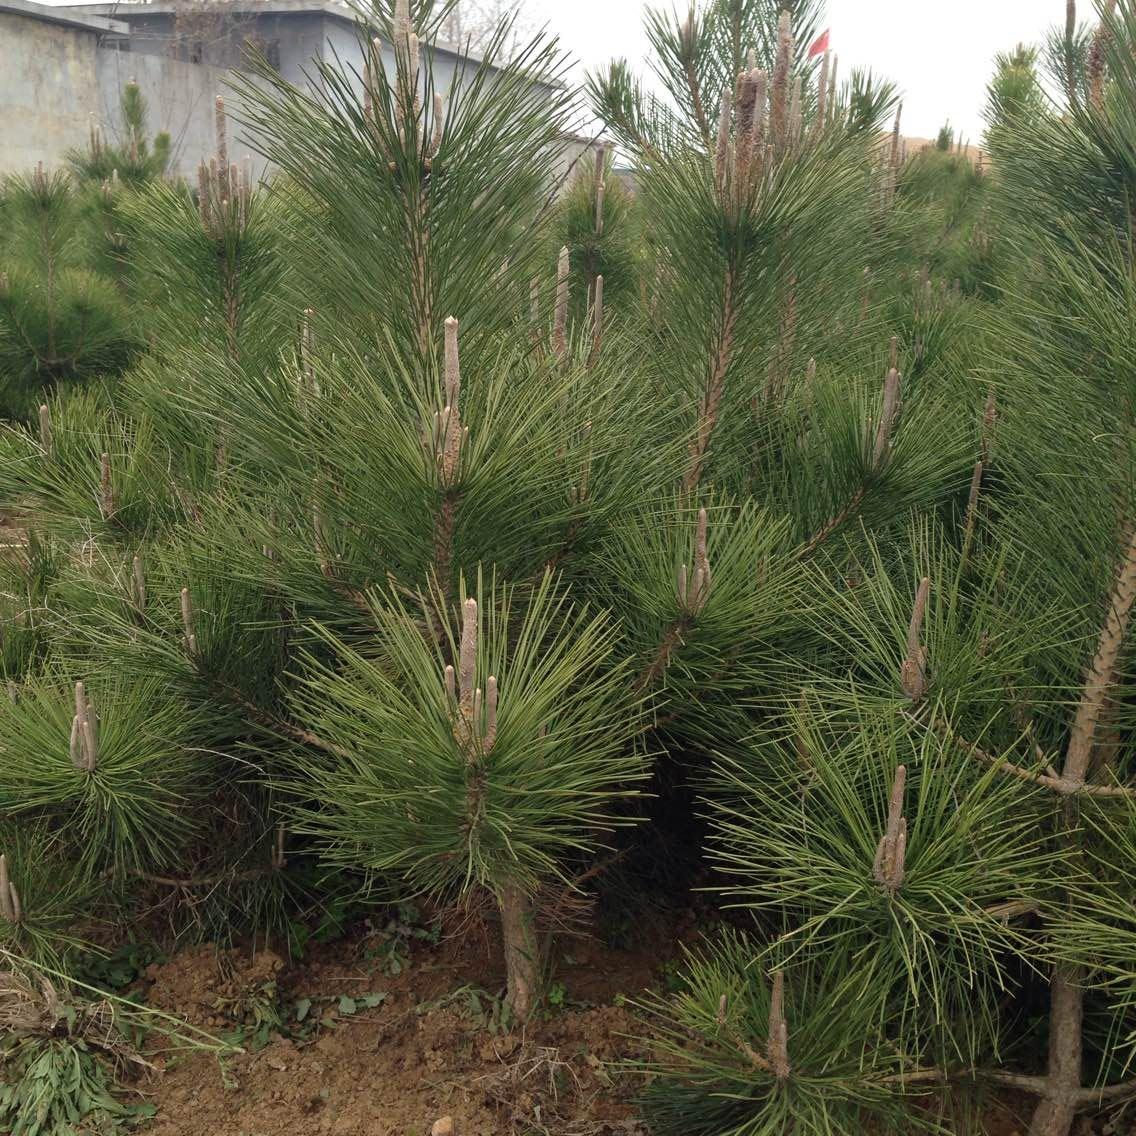 哈尔滨1米黑松树苗:成活率高的1米黑松树苗批发